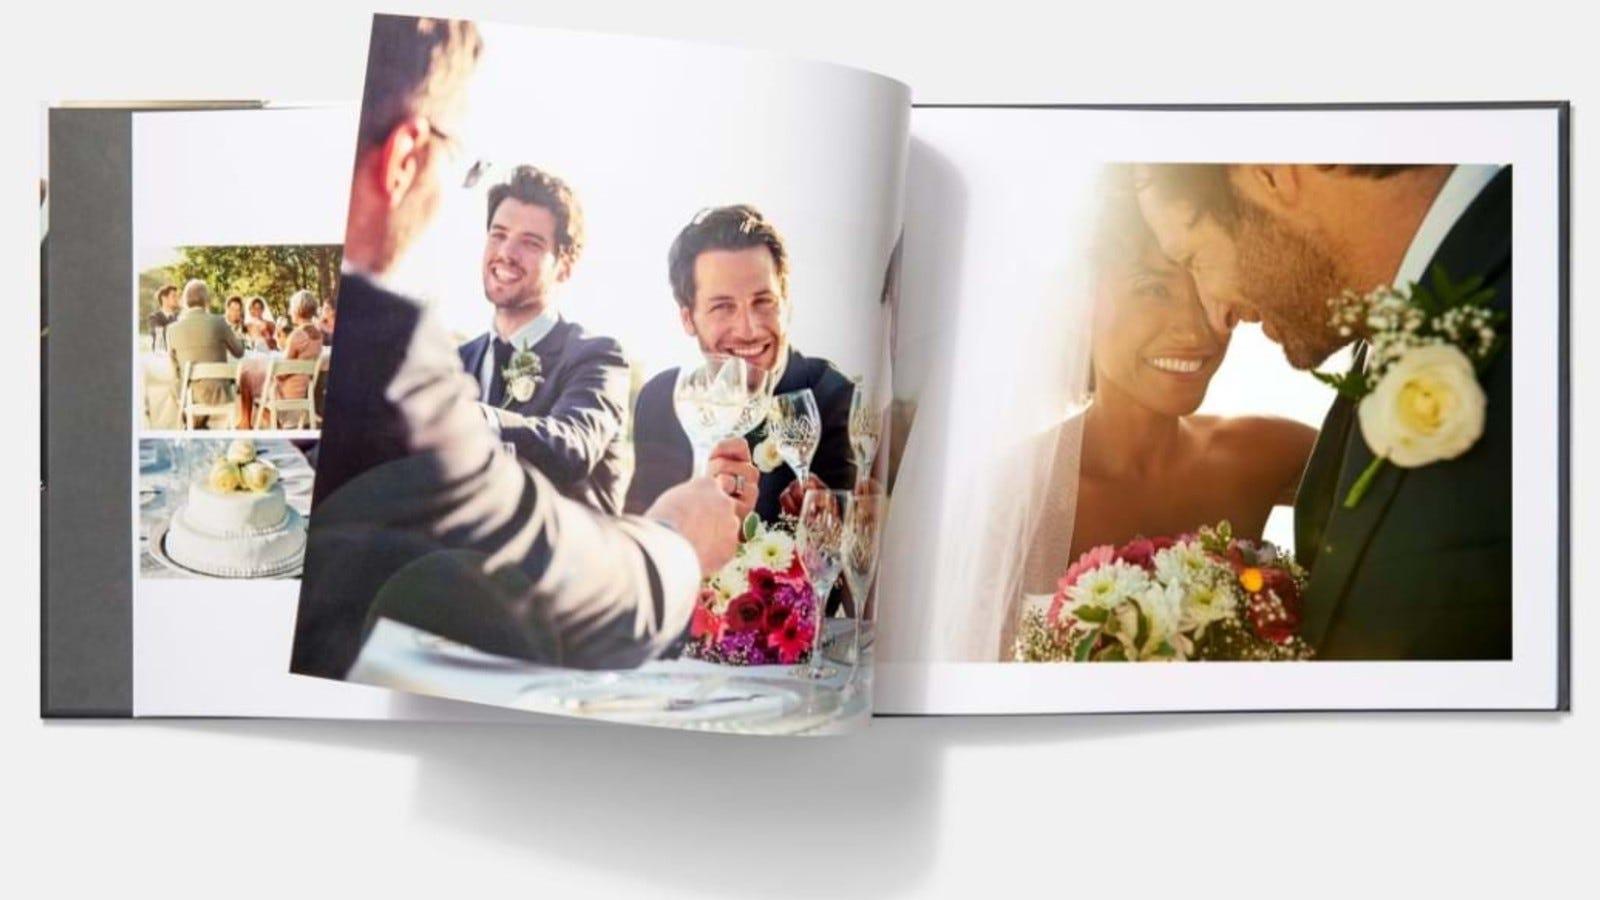 wedding photo album laying open